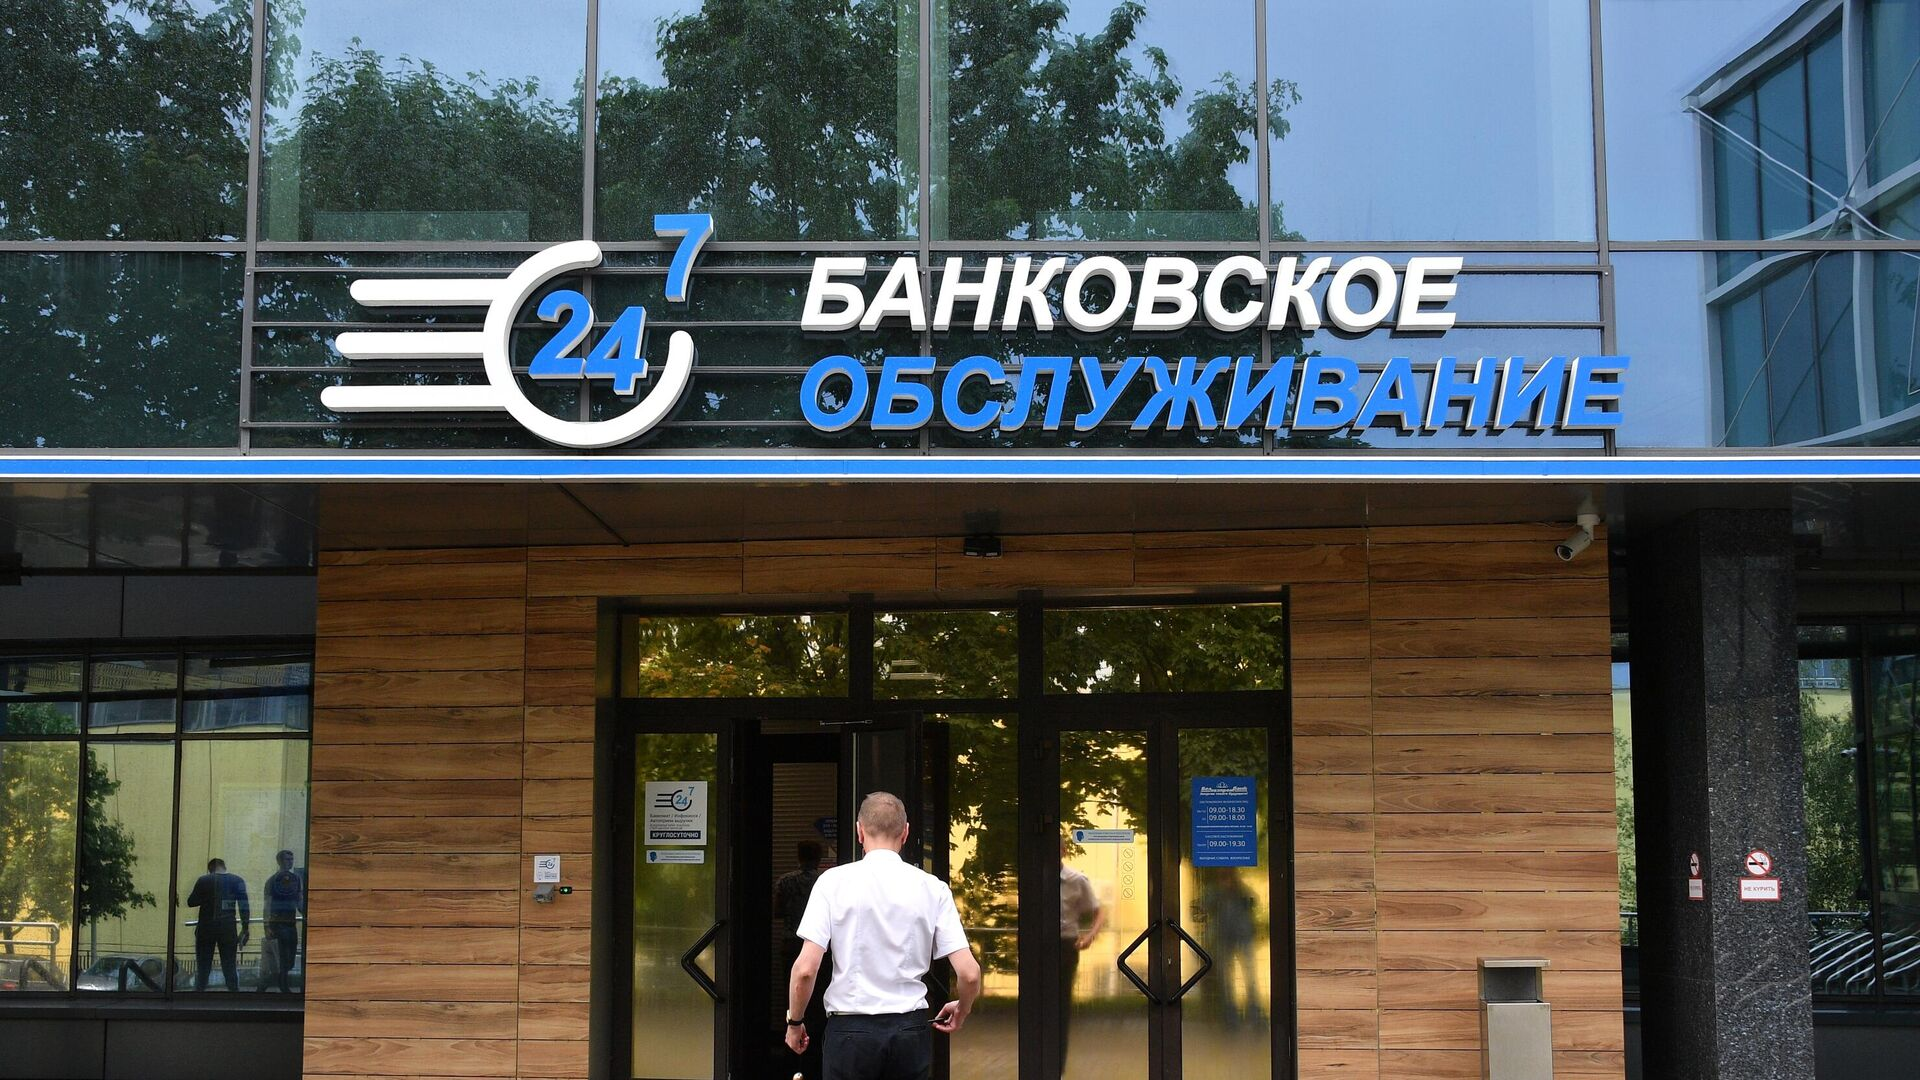 Вход в здание головного офиса Белгазпромбанка на улице Притыцкого в Минске - РИА Новости, 1920, 16.11.2020